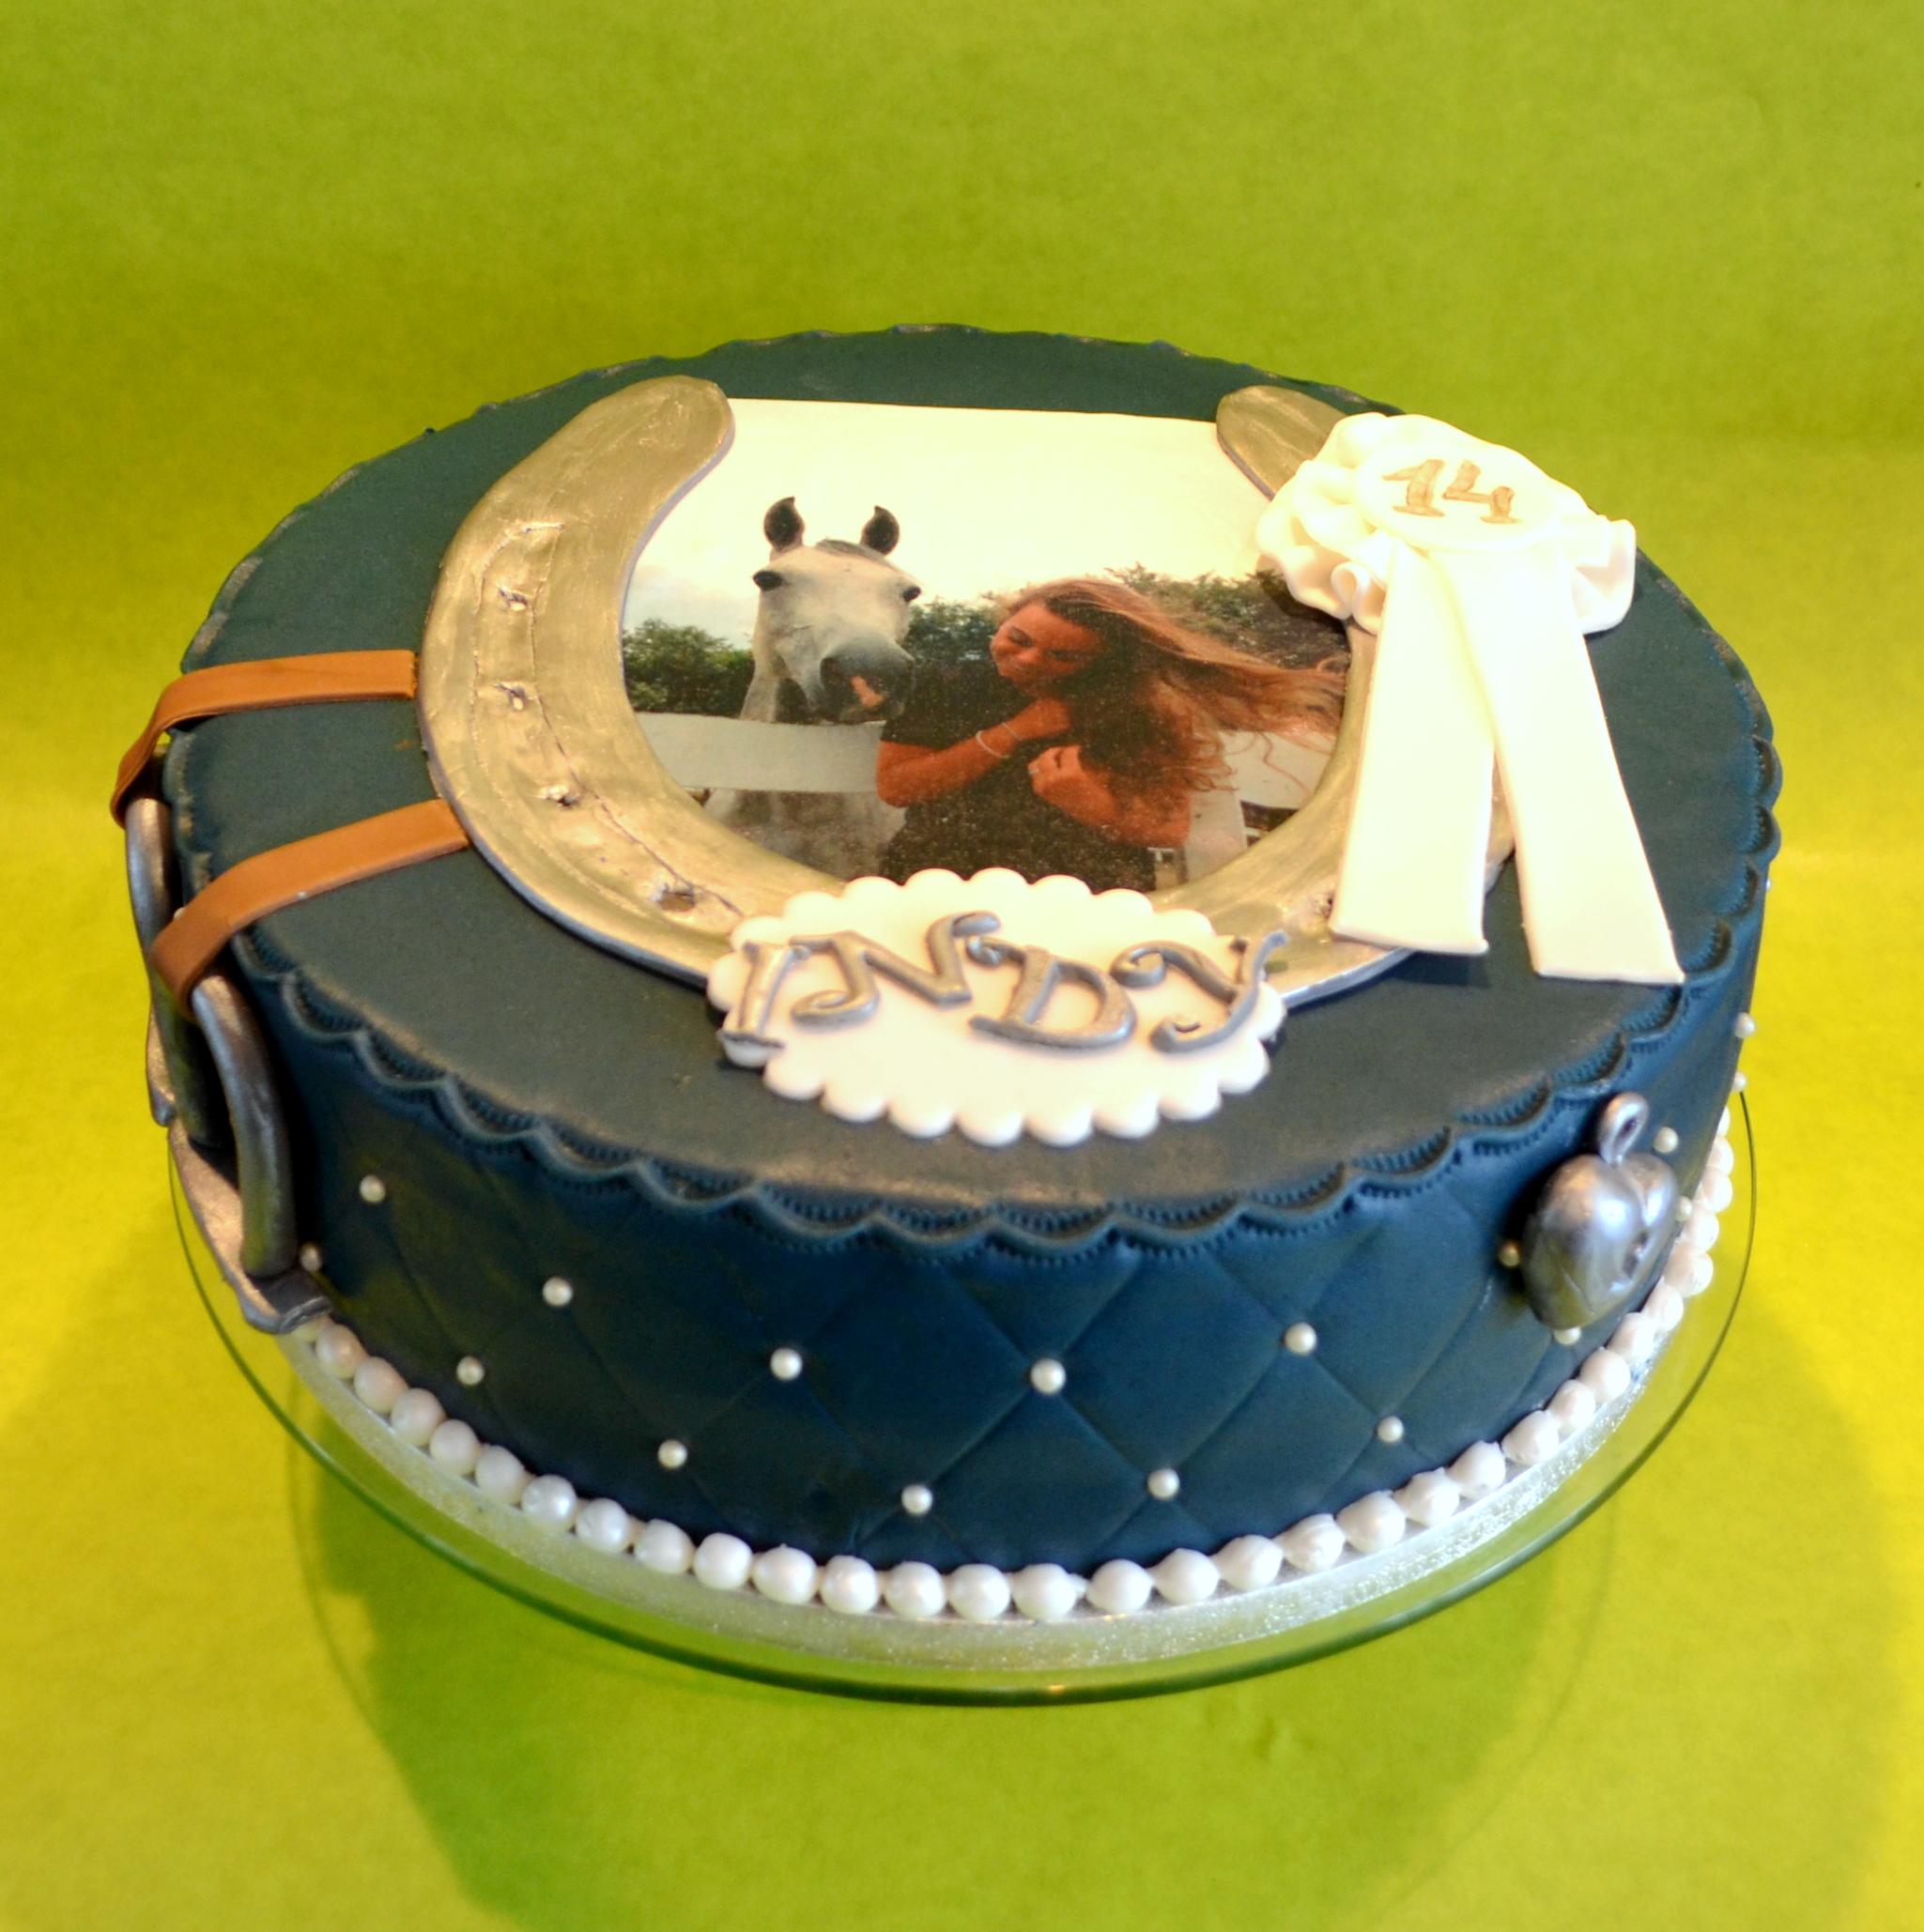 Geliefde taart in paarden-stijl - dubbelhandig &UK93